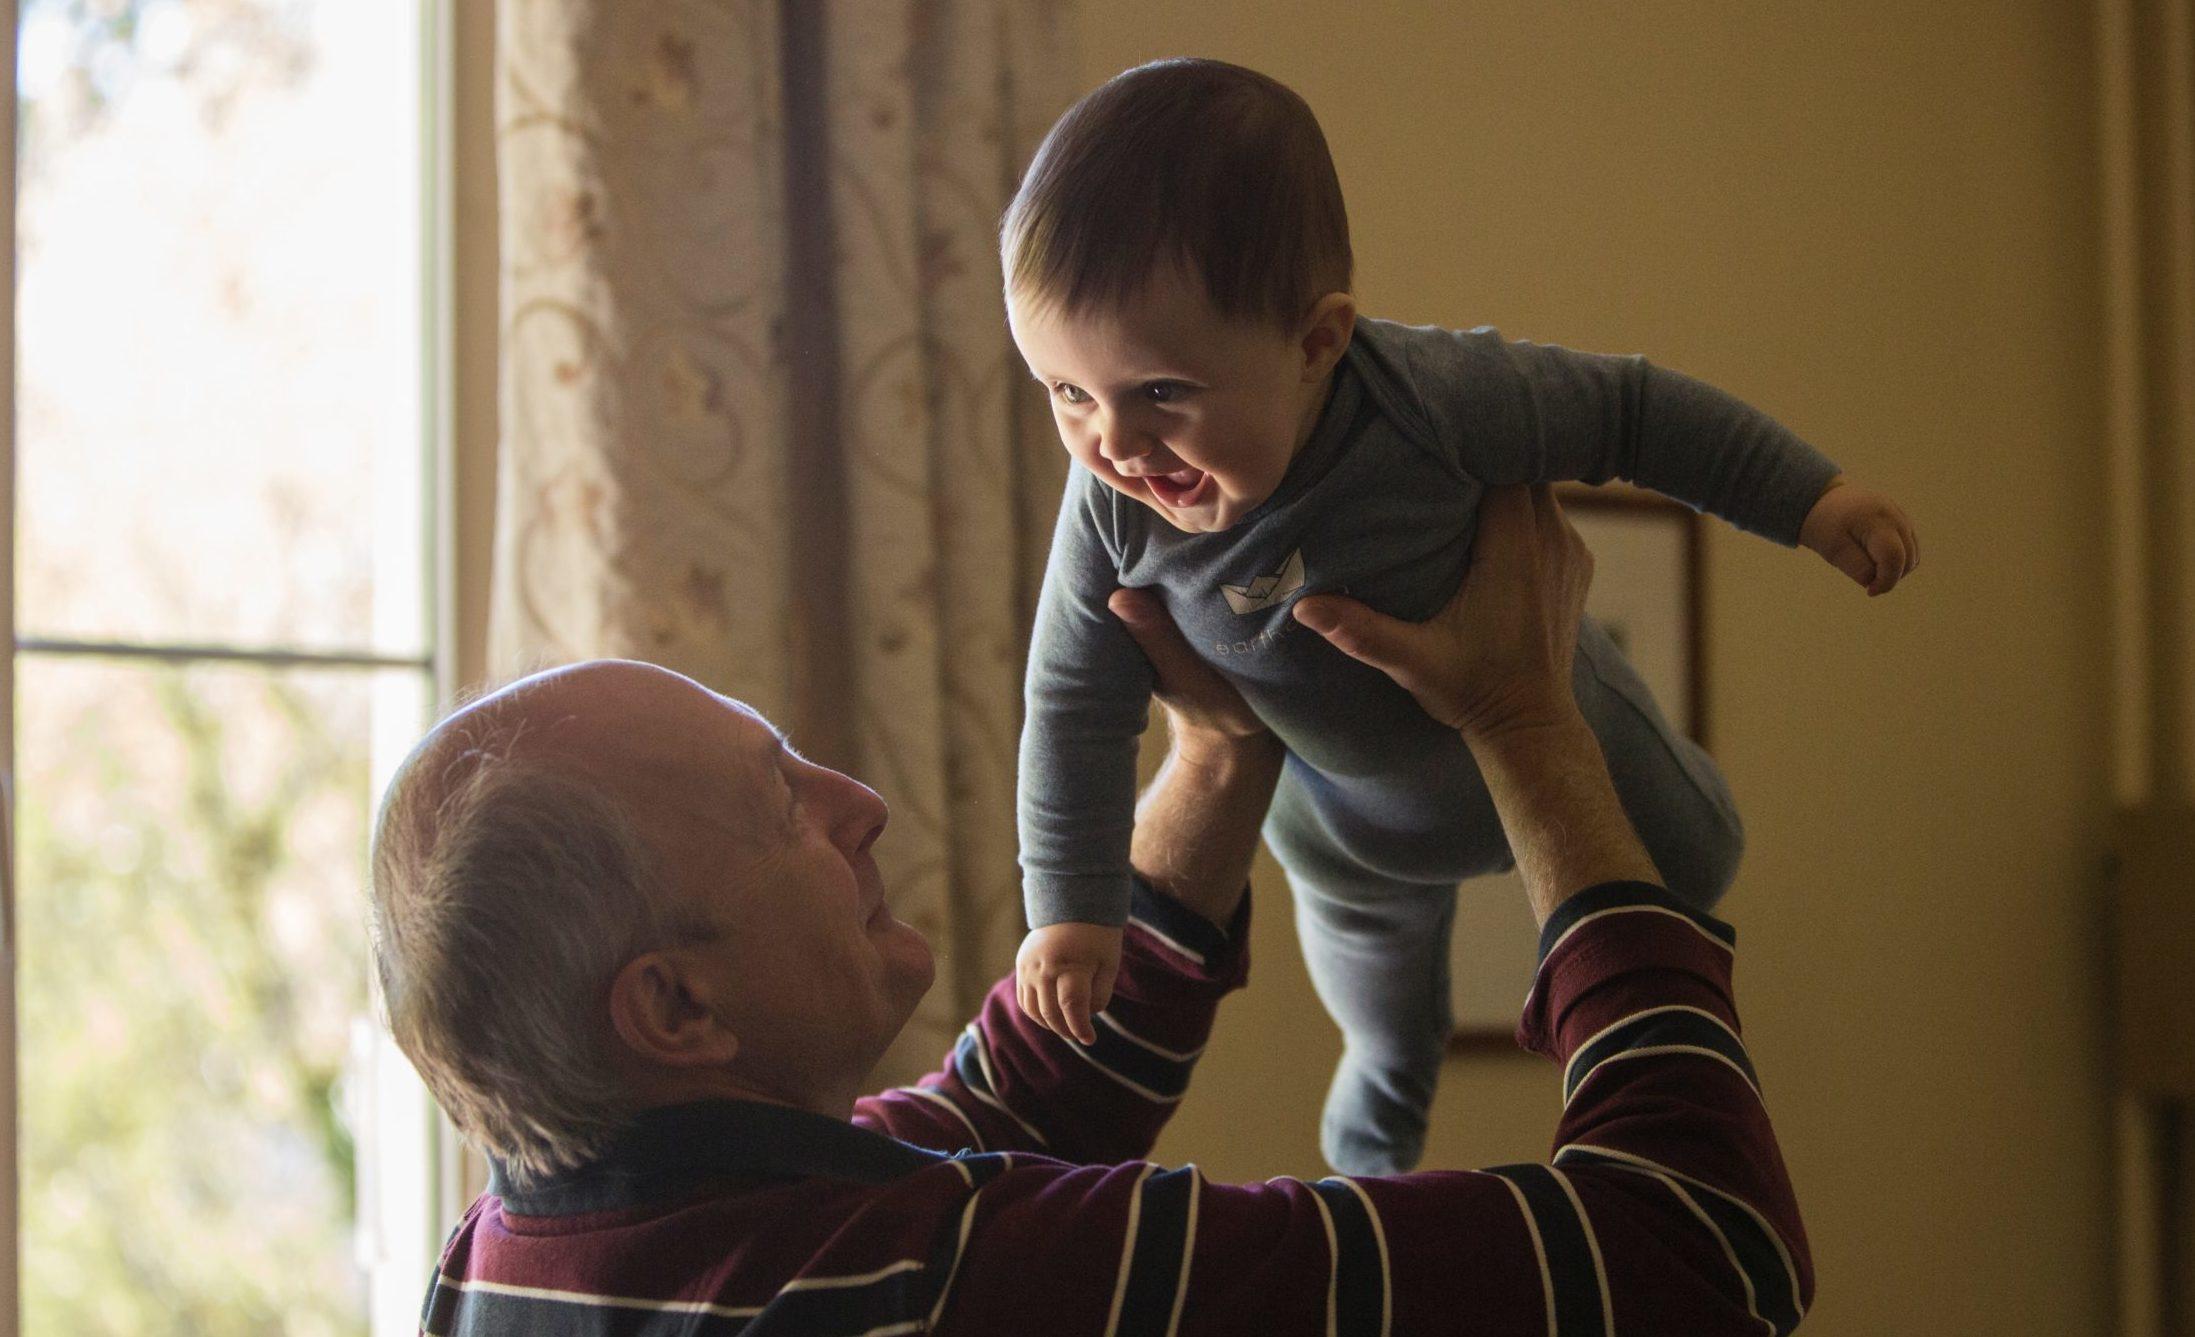 Día de los abuelos: ideas para sorprenderlos aun a la distancia